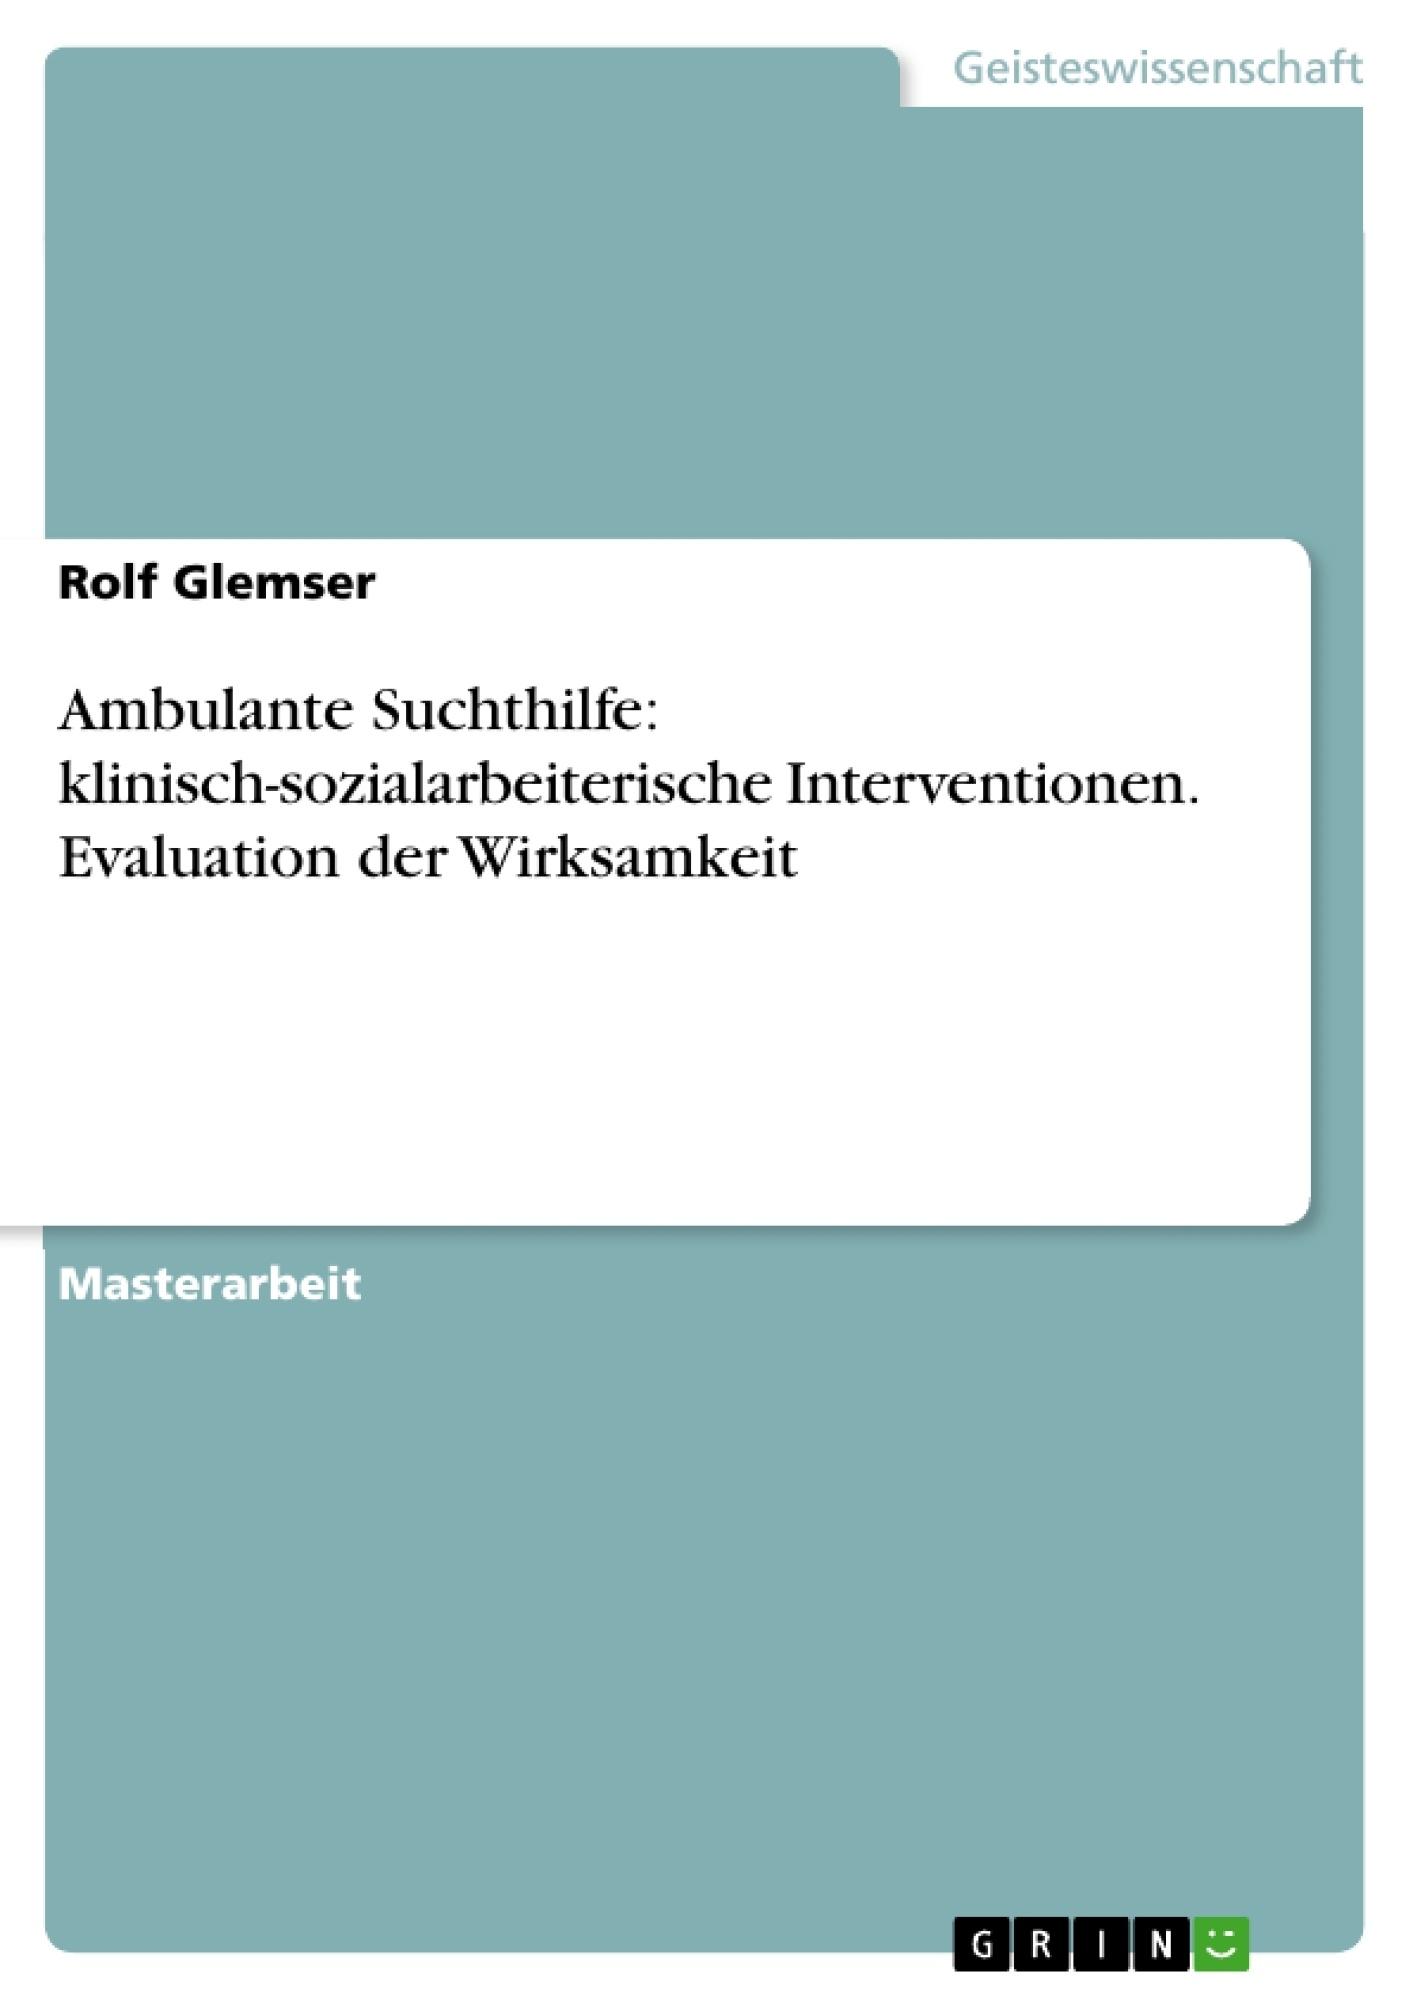 Titel: Ambulante Suchthilfe: klinisch-sozialarbeiterische Interventionen. Evaluation der Wirksamkeit